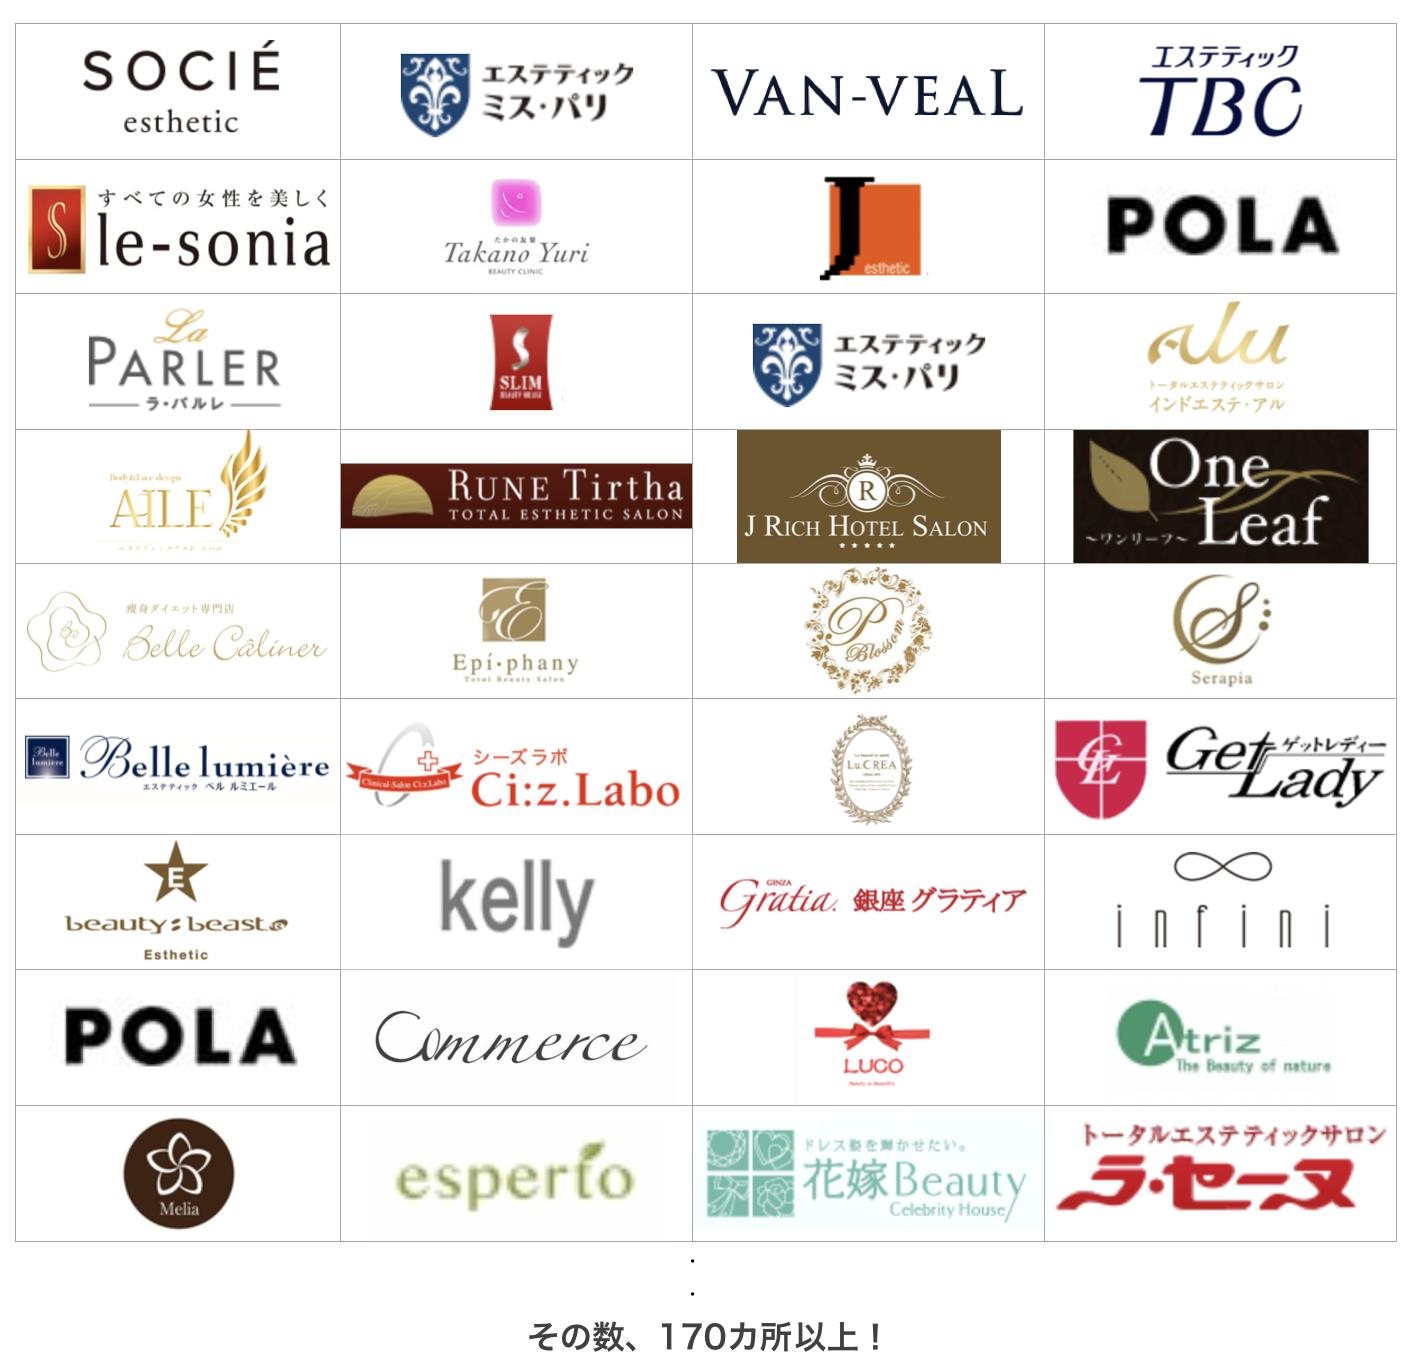 広島市内だけでも痩身エステは170店舗以上ある!